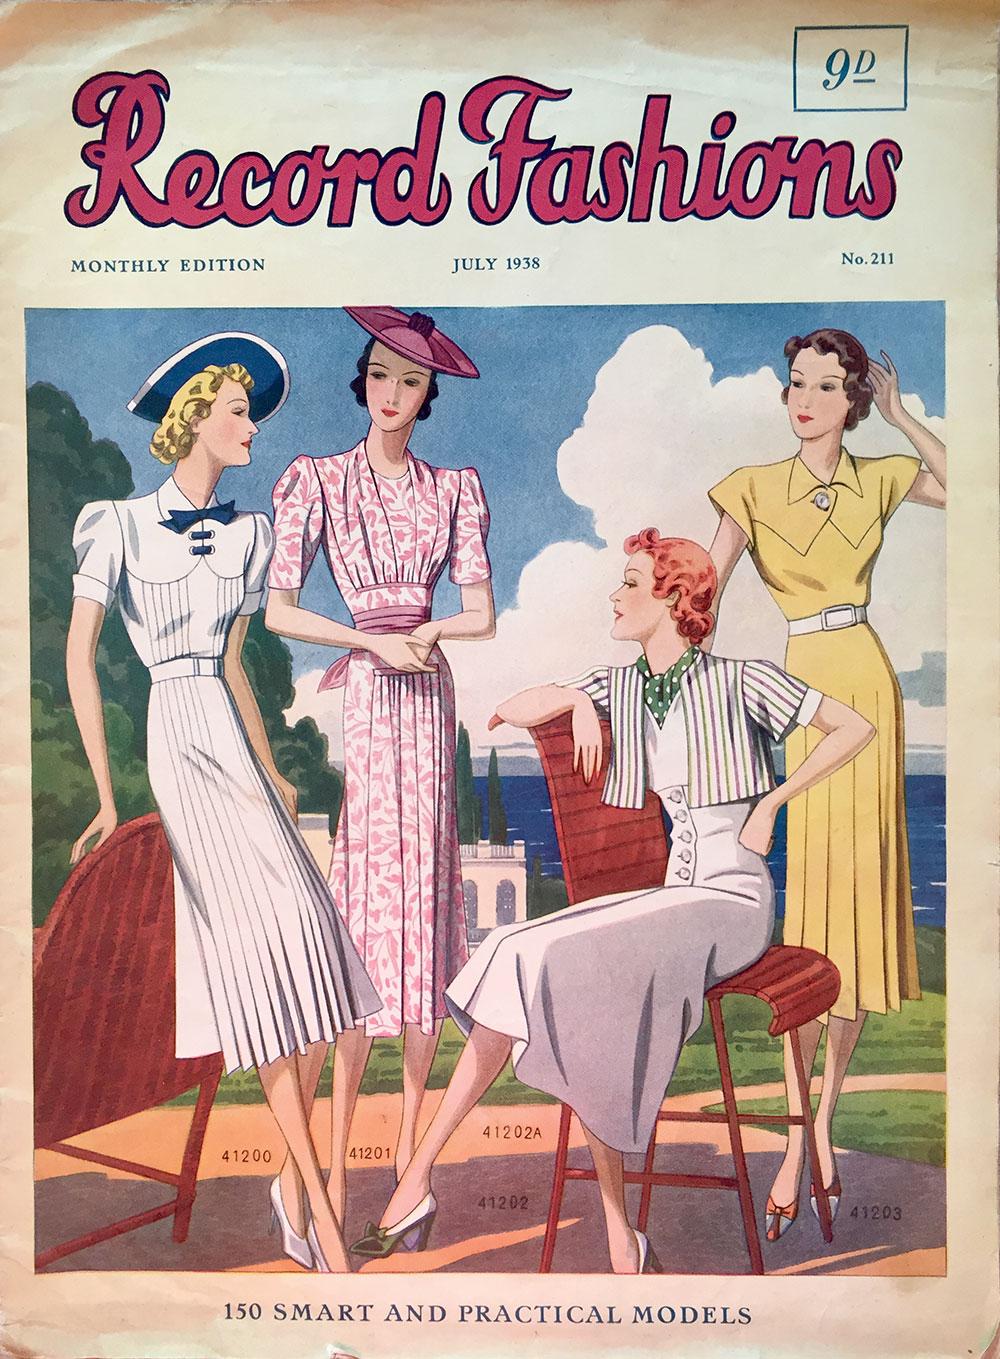 Record Fashions magazine - July 1938